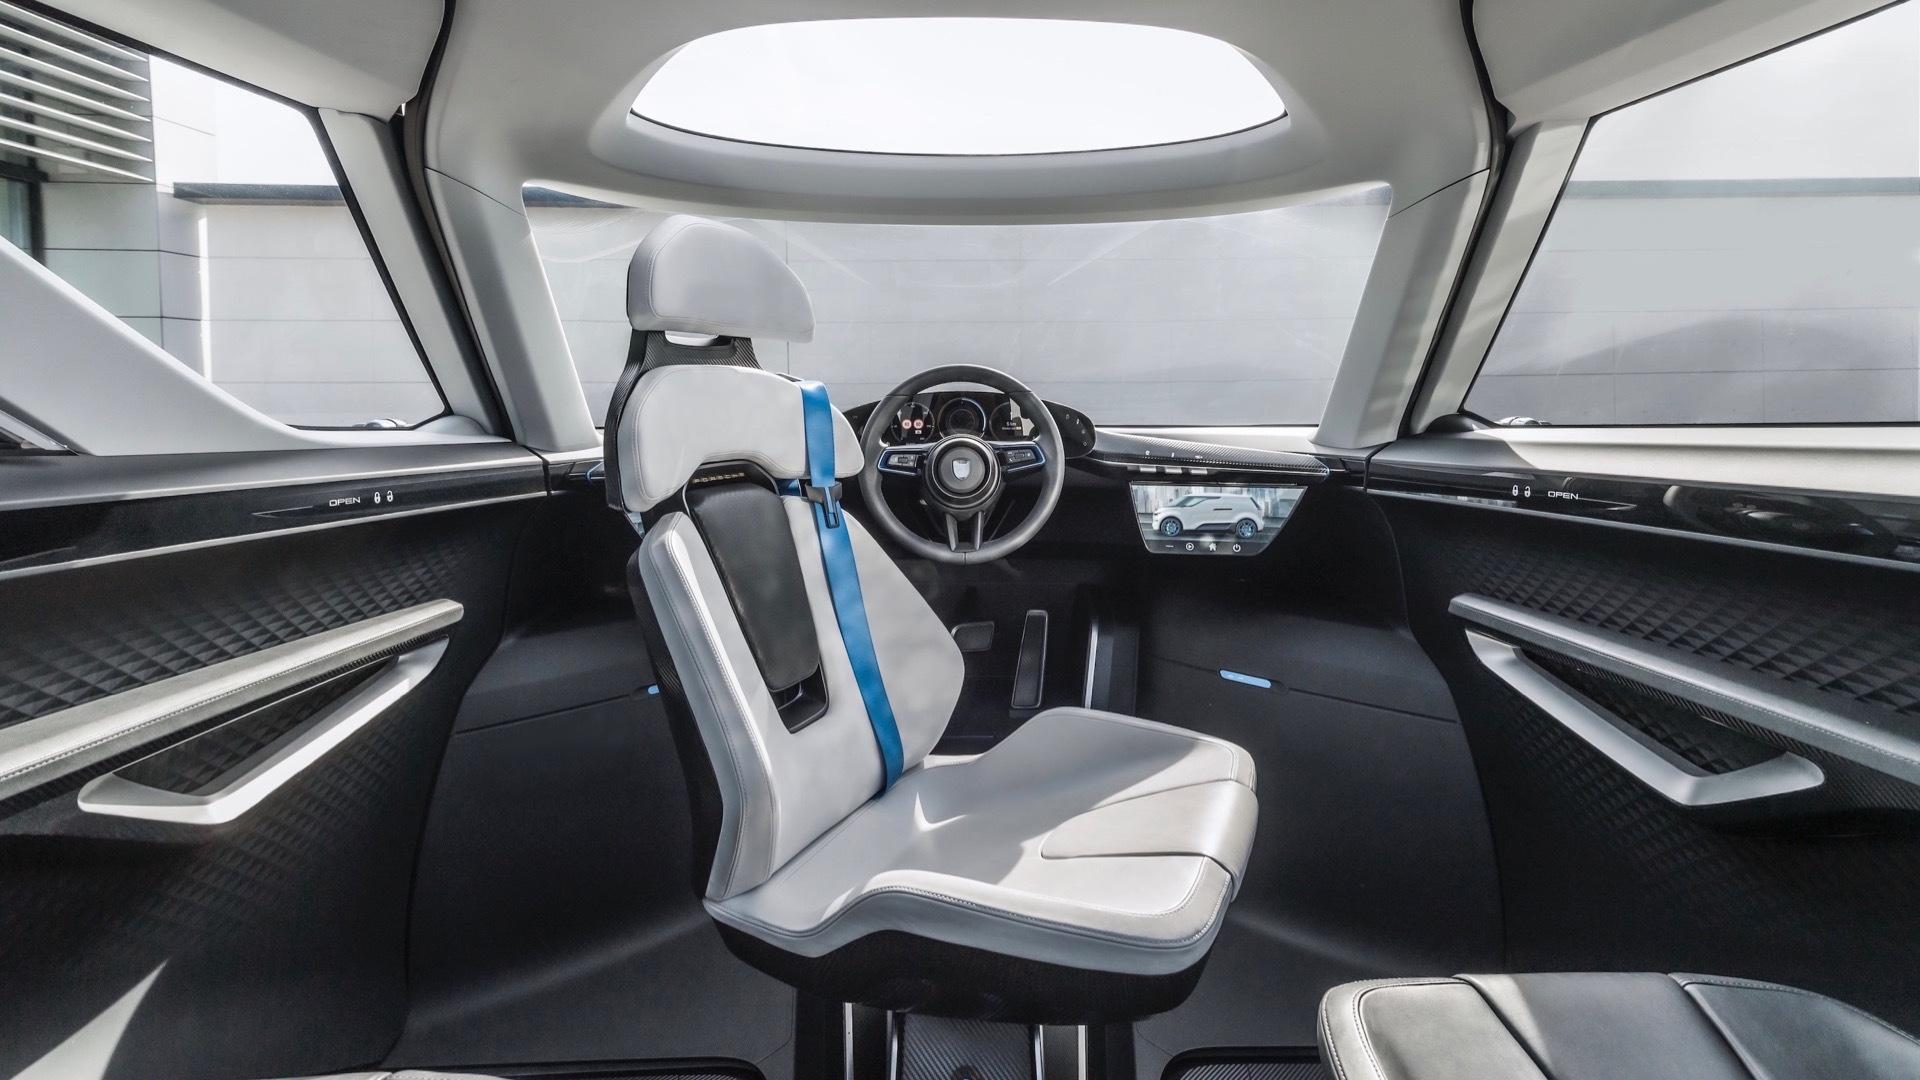 Porsche Renndienst Study